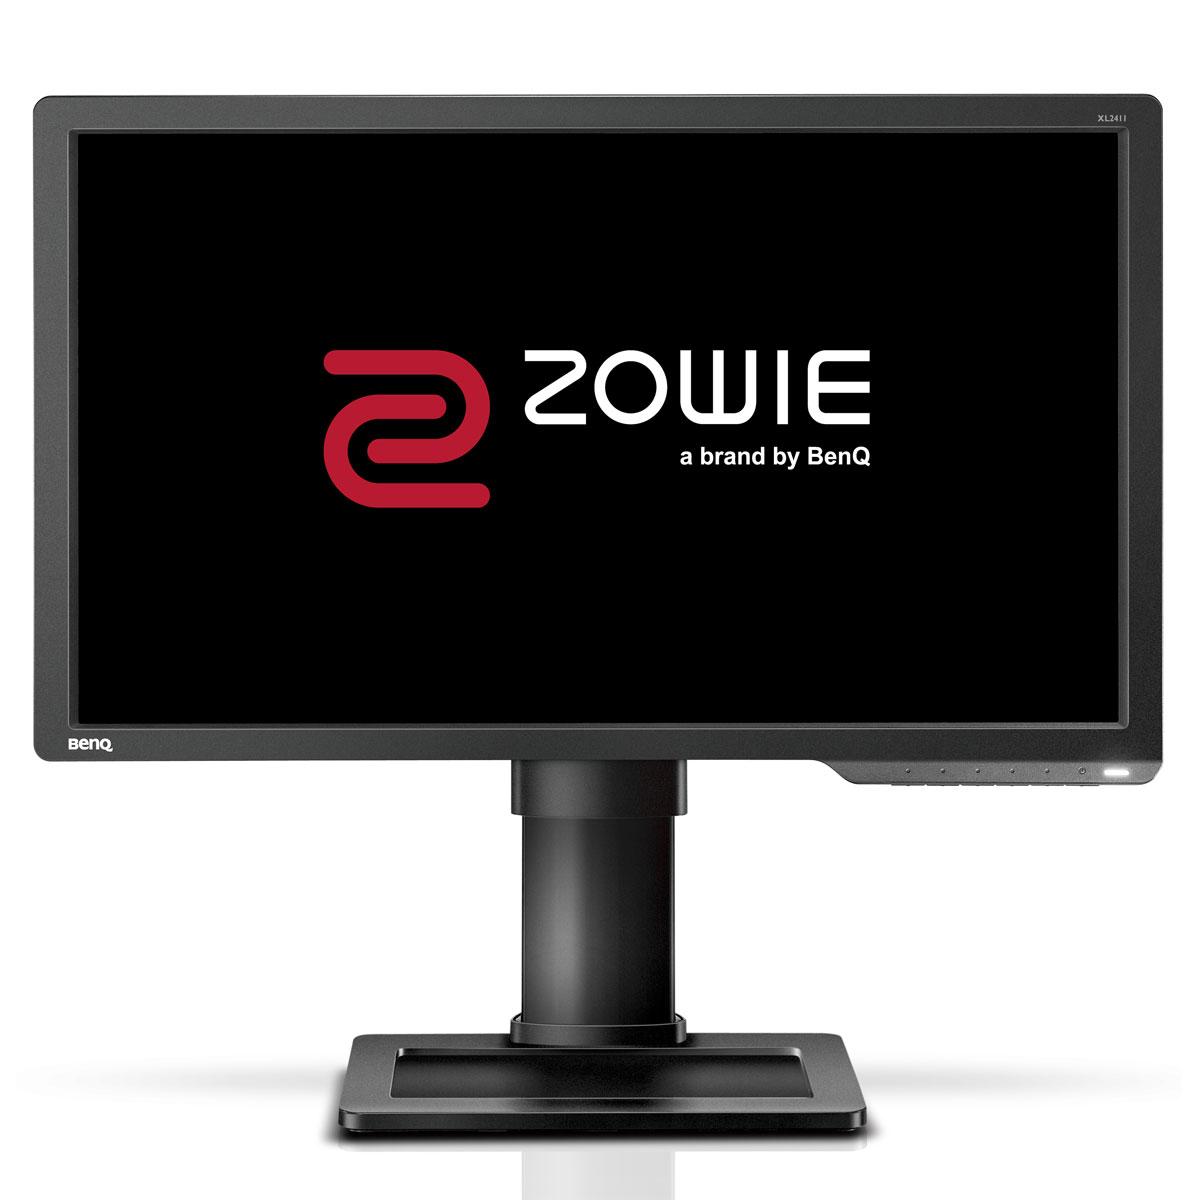 """Ecran PC BenQ Zowie 24"""" LED - XL2411 1920 x 1080 pixels - 1 ms (gris à gris) - Format large 16/9 - VGA/DVI-DL/HDMI - 144 Hz - Ajustable en hauteur - Noir (garantie constructeur 3 ans)"""